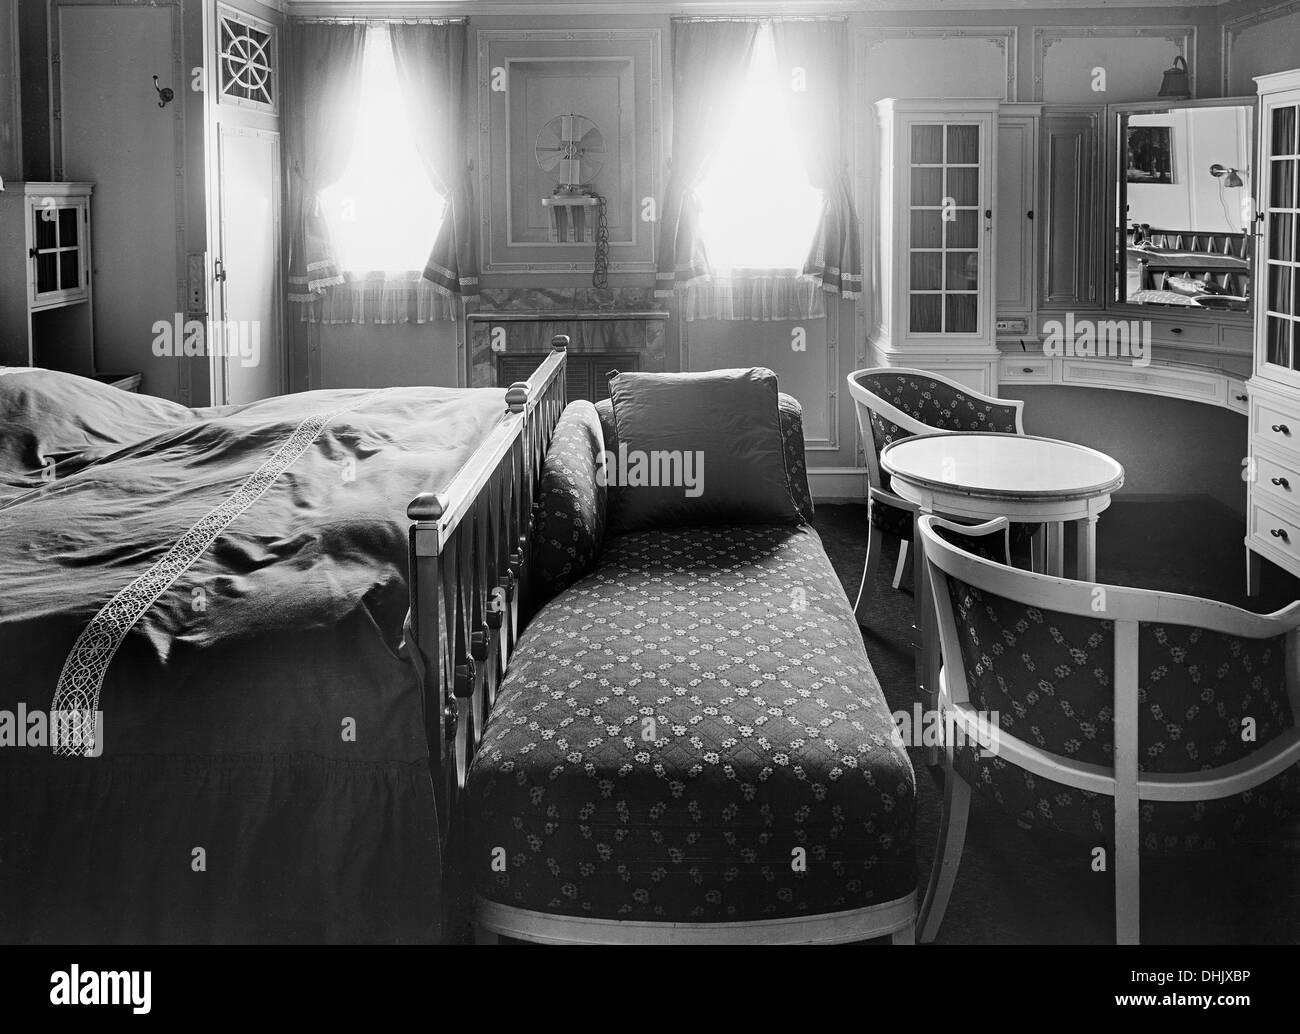 Blick Auf Eine Kabine Mit Betten Möbel Und Toilette Tisch Auf Dem